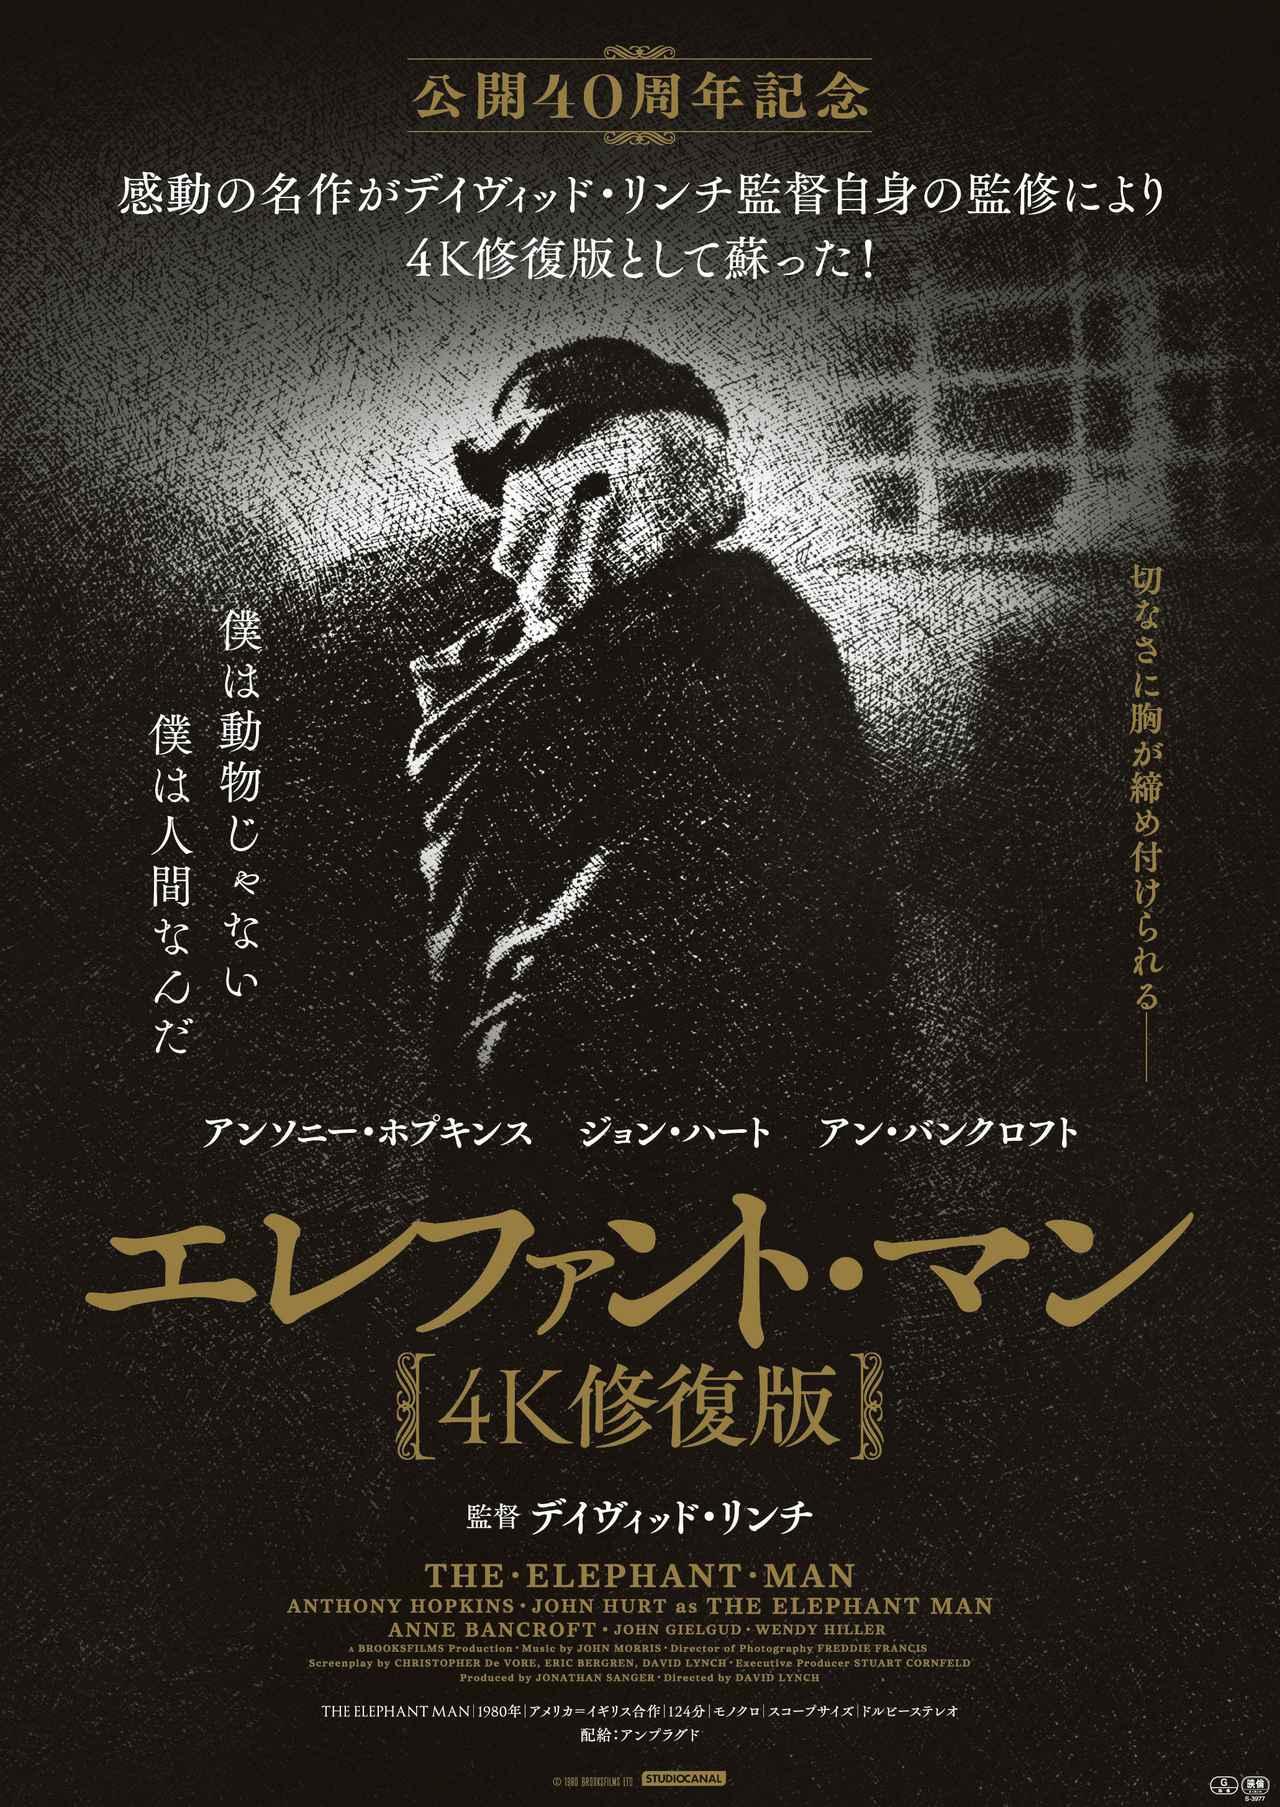 画像: 不朽の名作『エレファント・マン』4K修復版で緊急公開決定